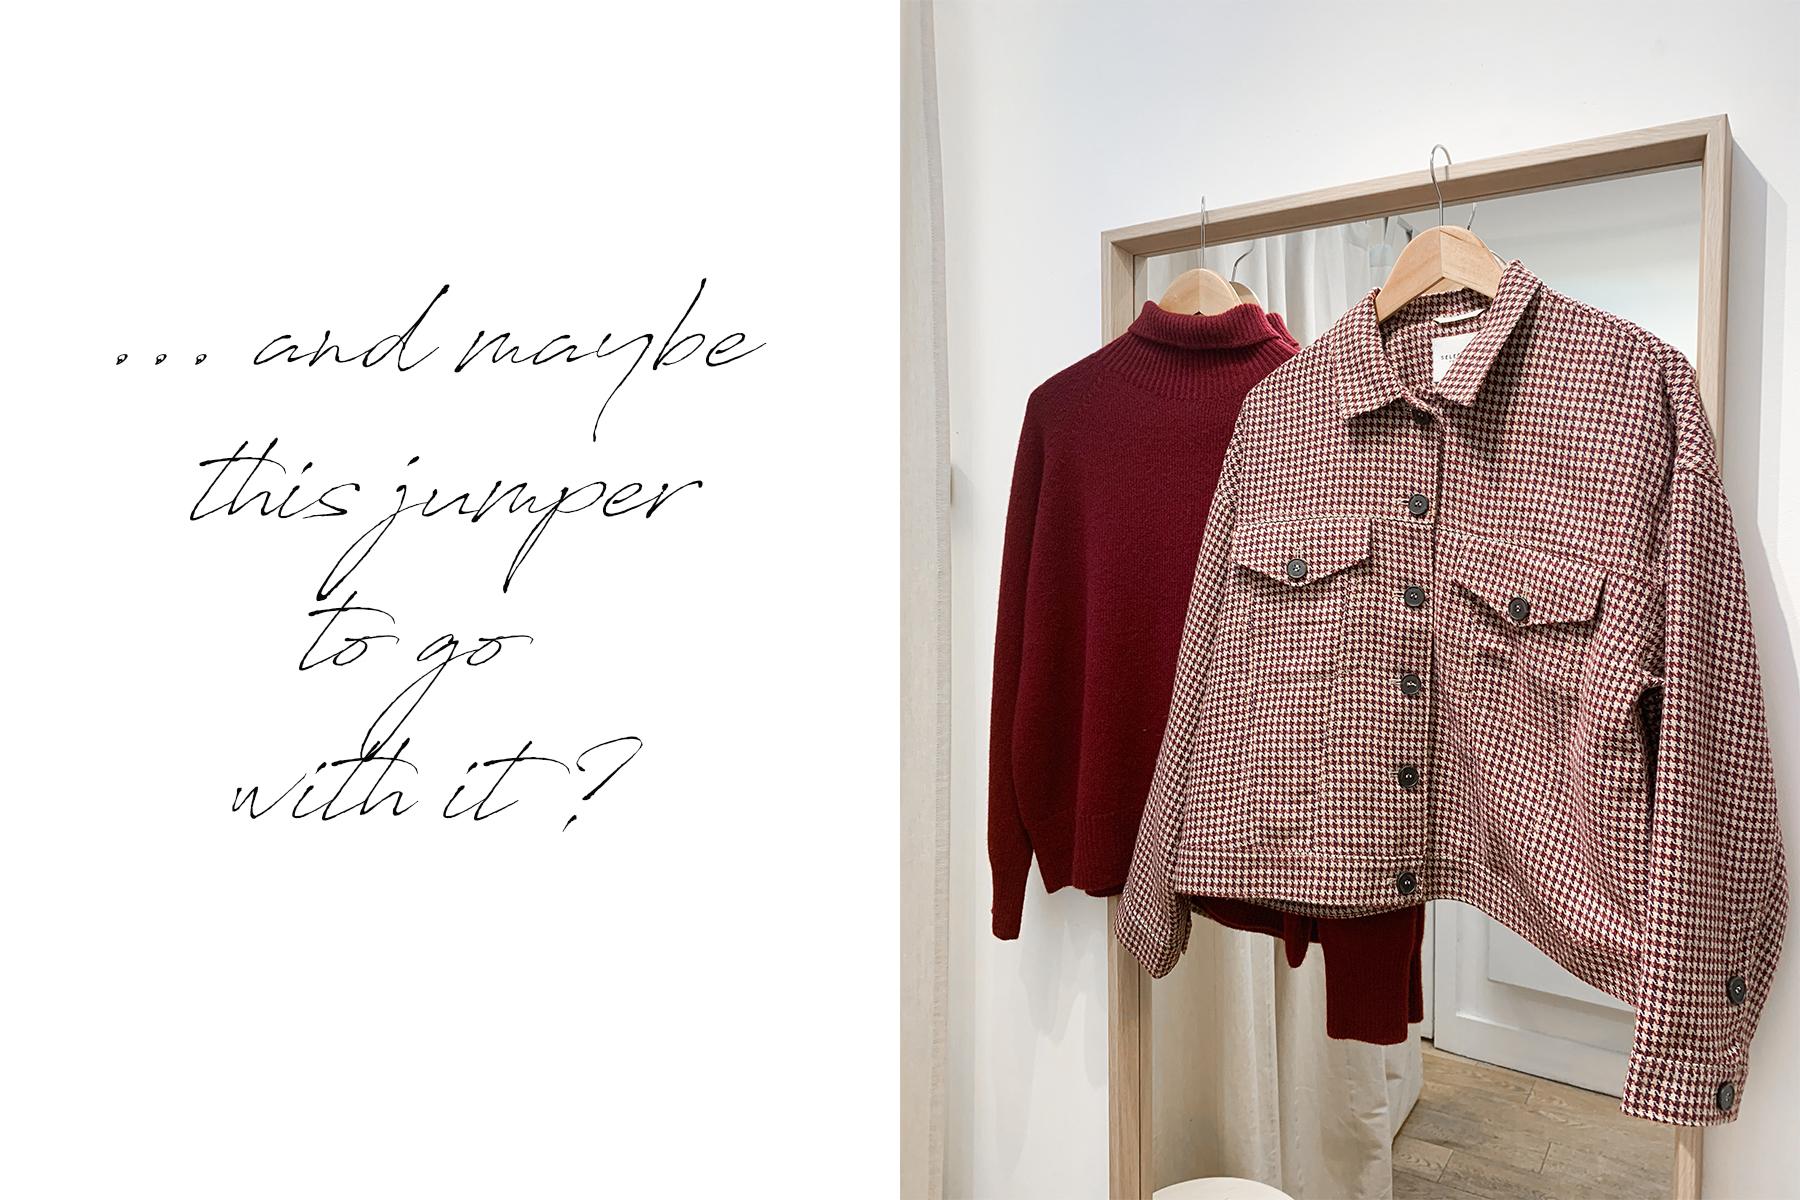 Rosie_Butcher_nola_wish_list-jumper_jacket-text.jpg